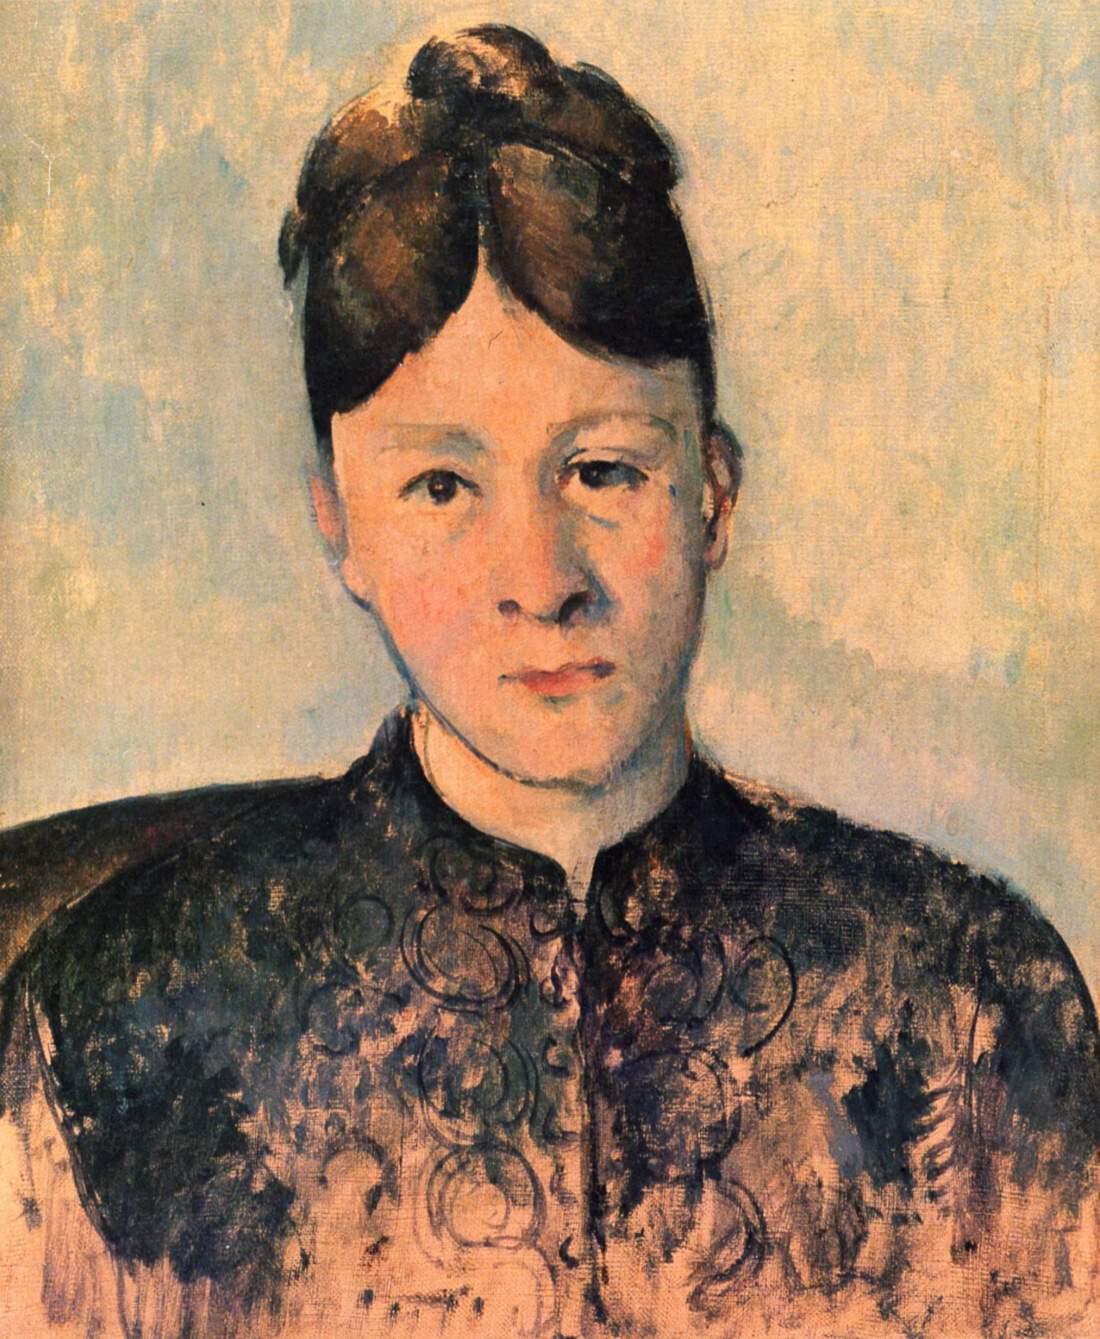 Paul Cezanne, Portrait of Madame Cezanne, ca. 1885. Staatliche Museen zu Berlin, Nationalgalerie, Museum Berggruen